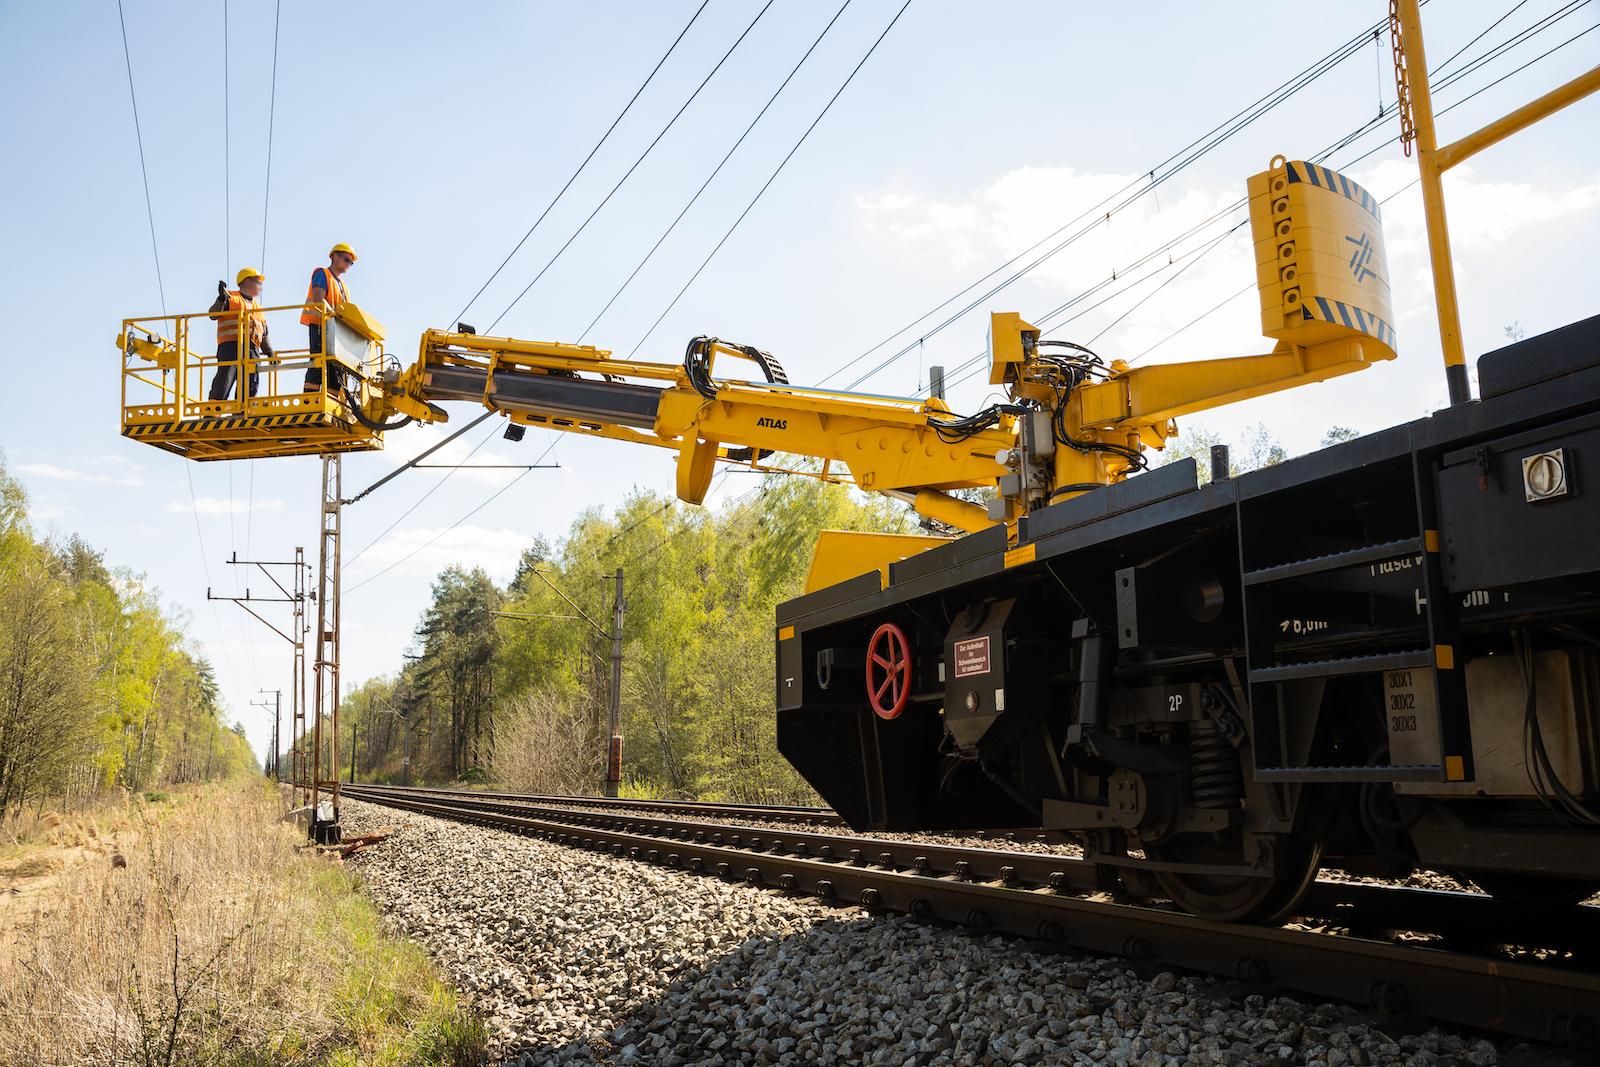 Galeria zdjęć pokazuje prace na szlaku Dobiegniew – Bierzwnik oraz na stacji Drawski Młyn, które miały miejsce w kwietniu 2020 roku.